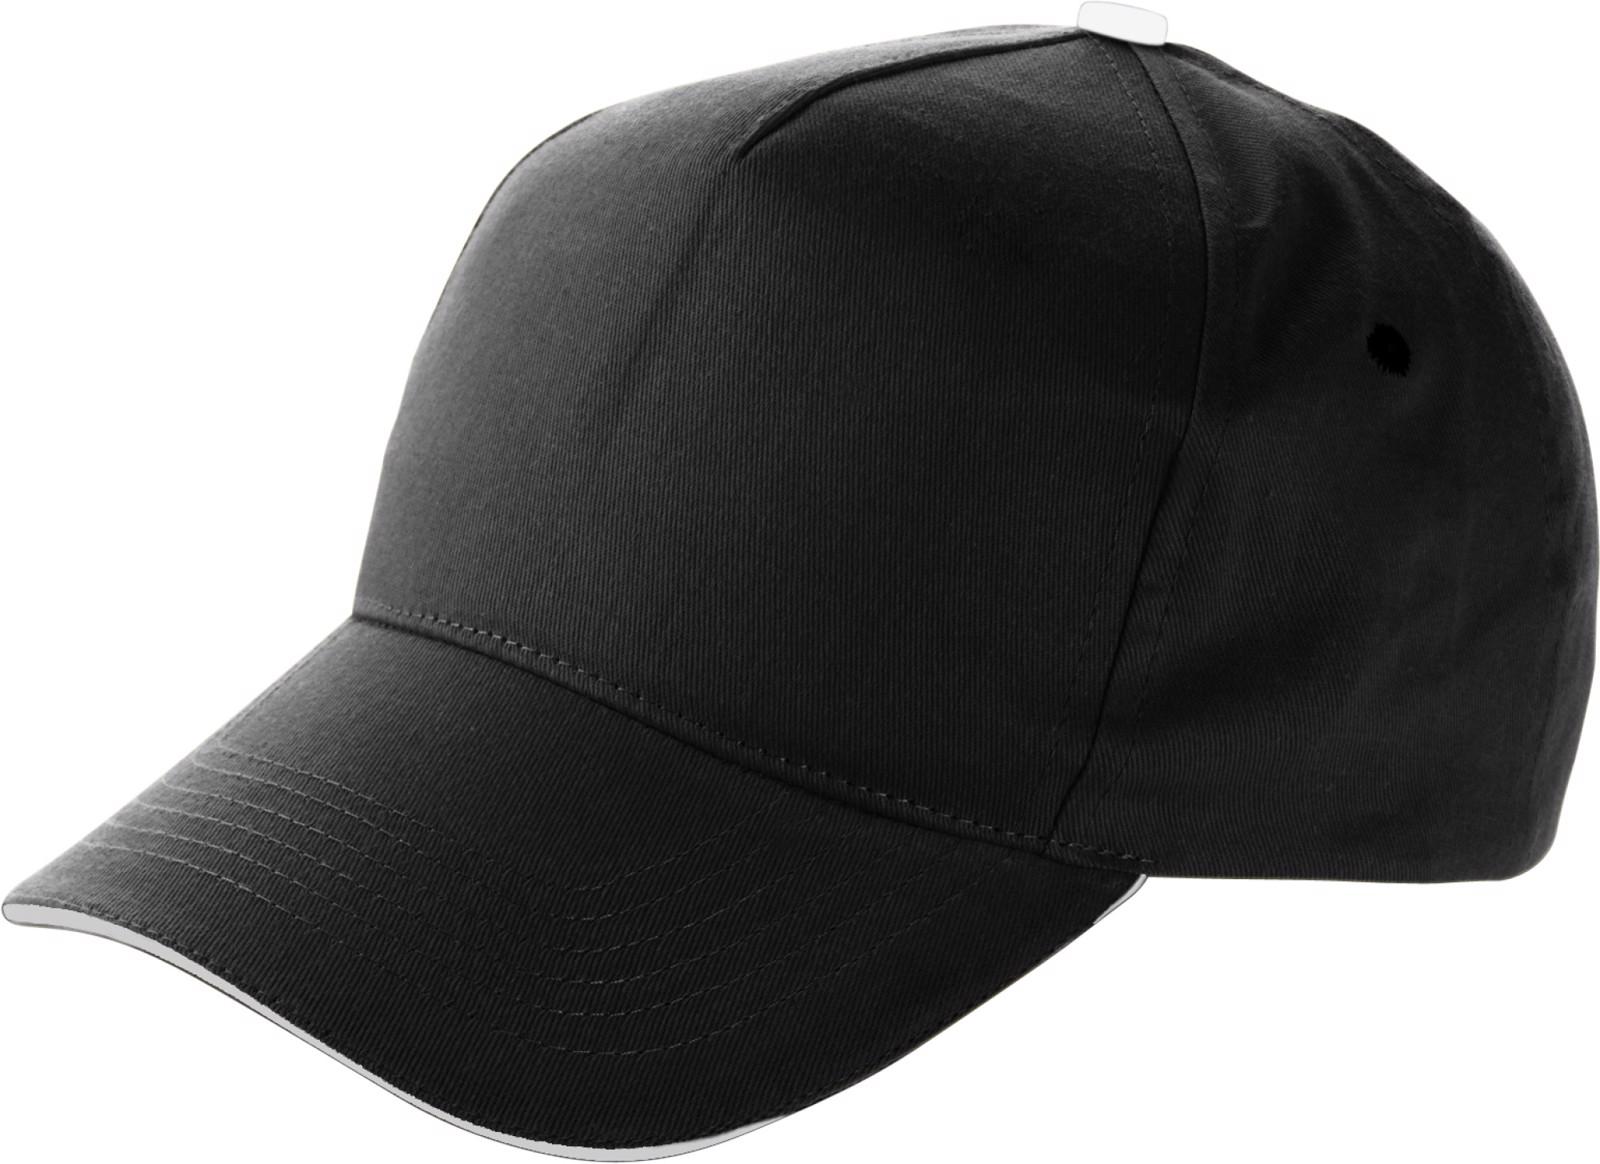 Cotton cap - Black